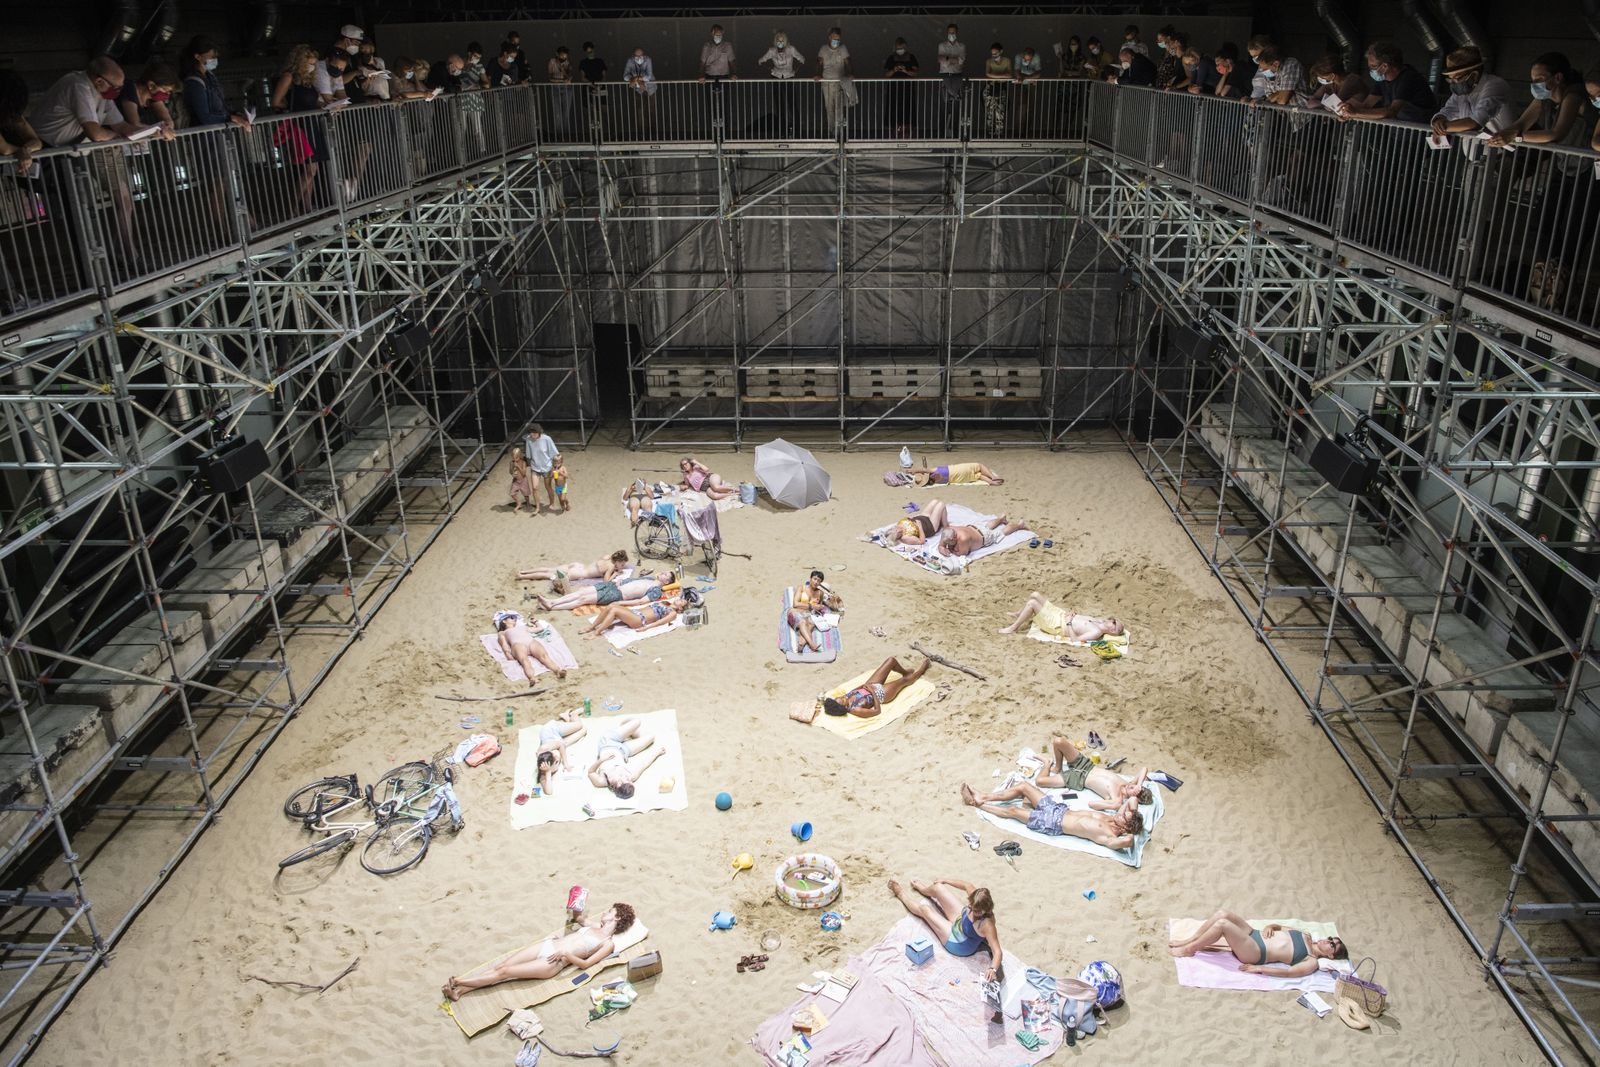 Musical installation Sun and Sea premieres in Zurich, Zuerich, Switzerland - 13 Aug 2020